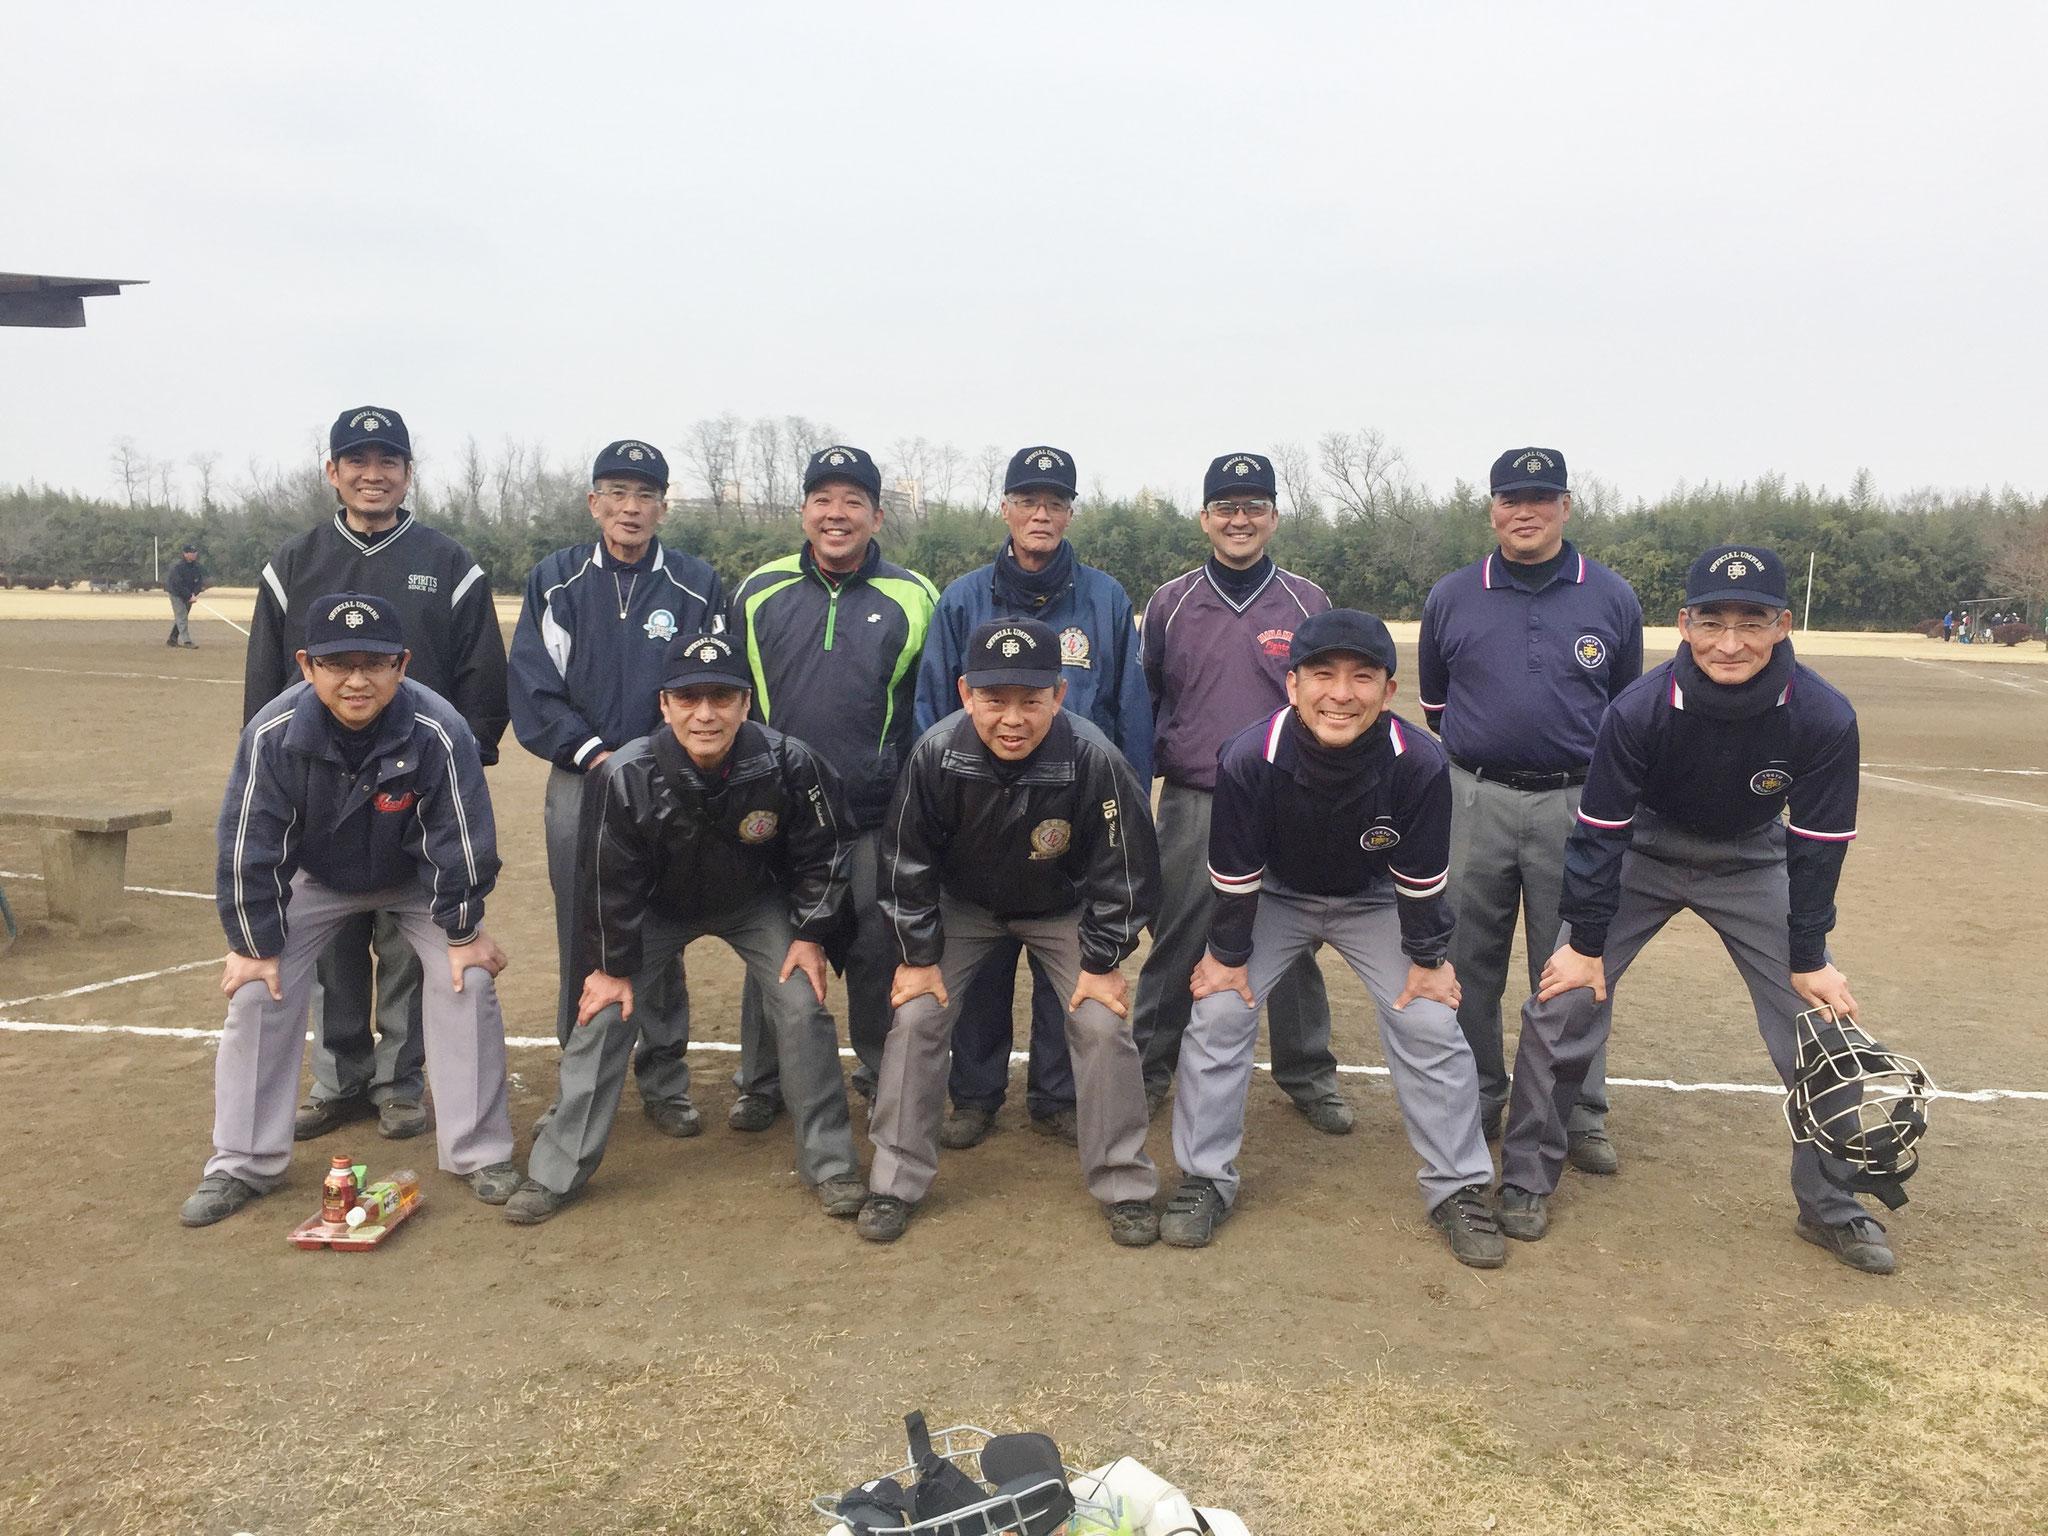 平成29年3月5日(日曜日) 滝ガ原グラウンド